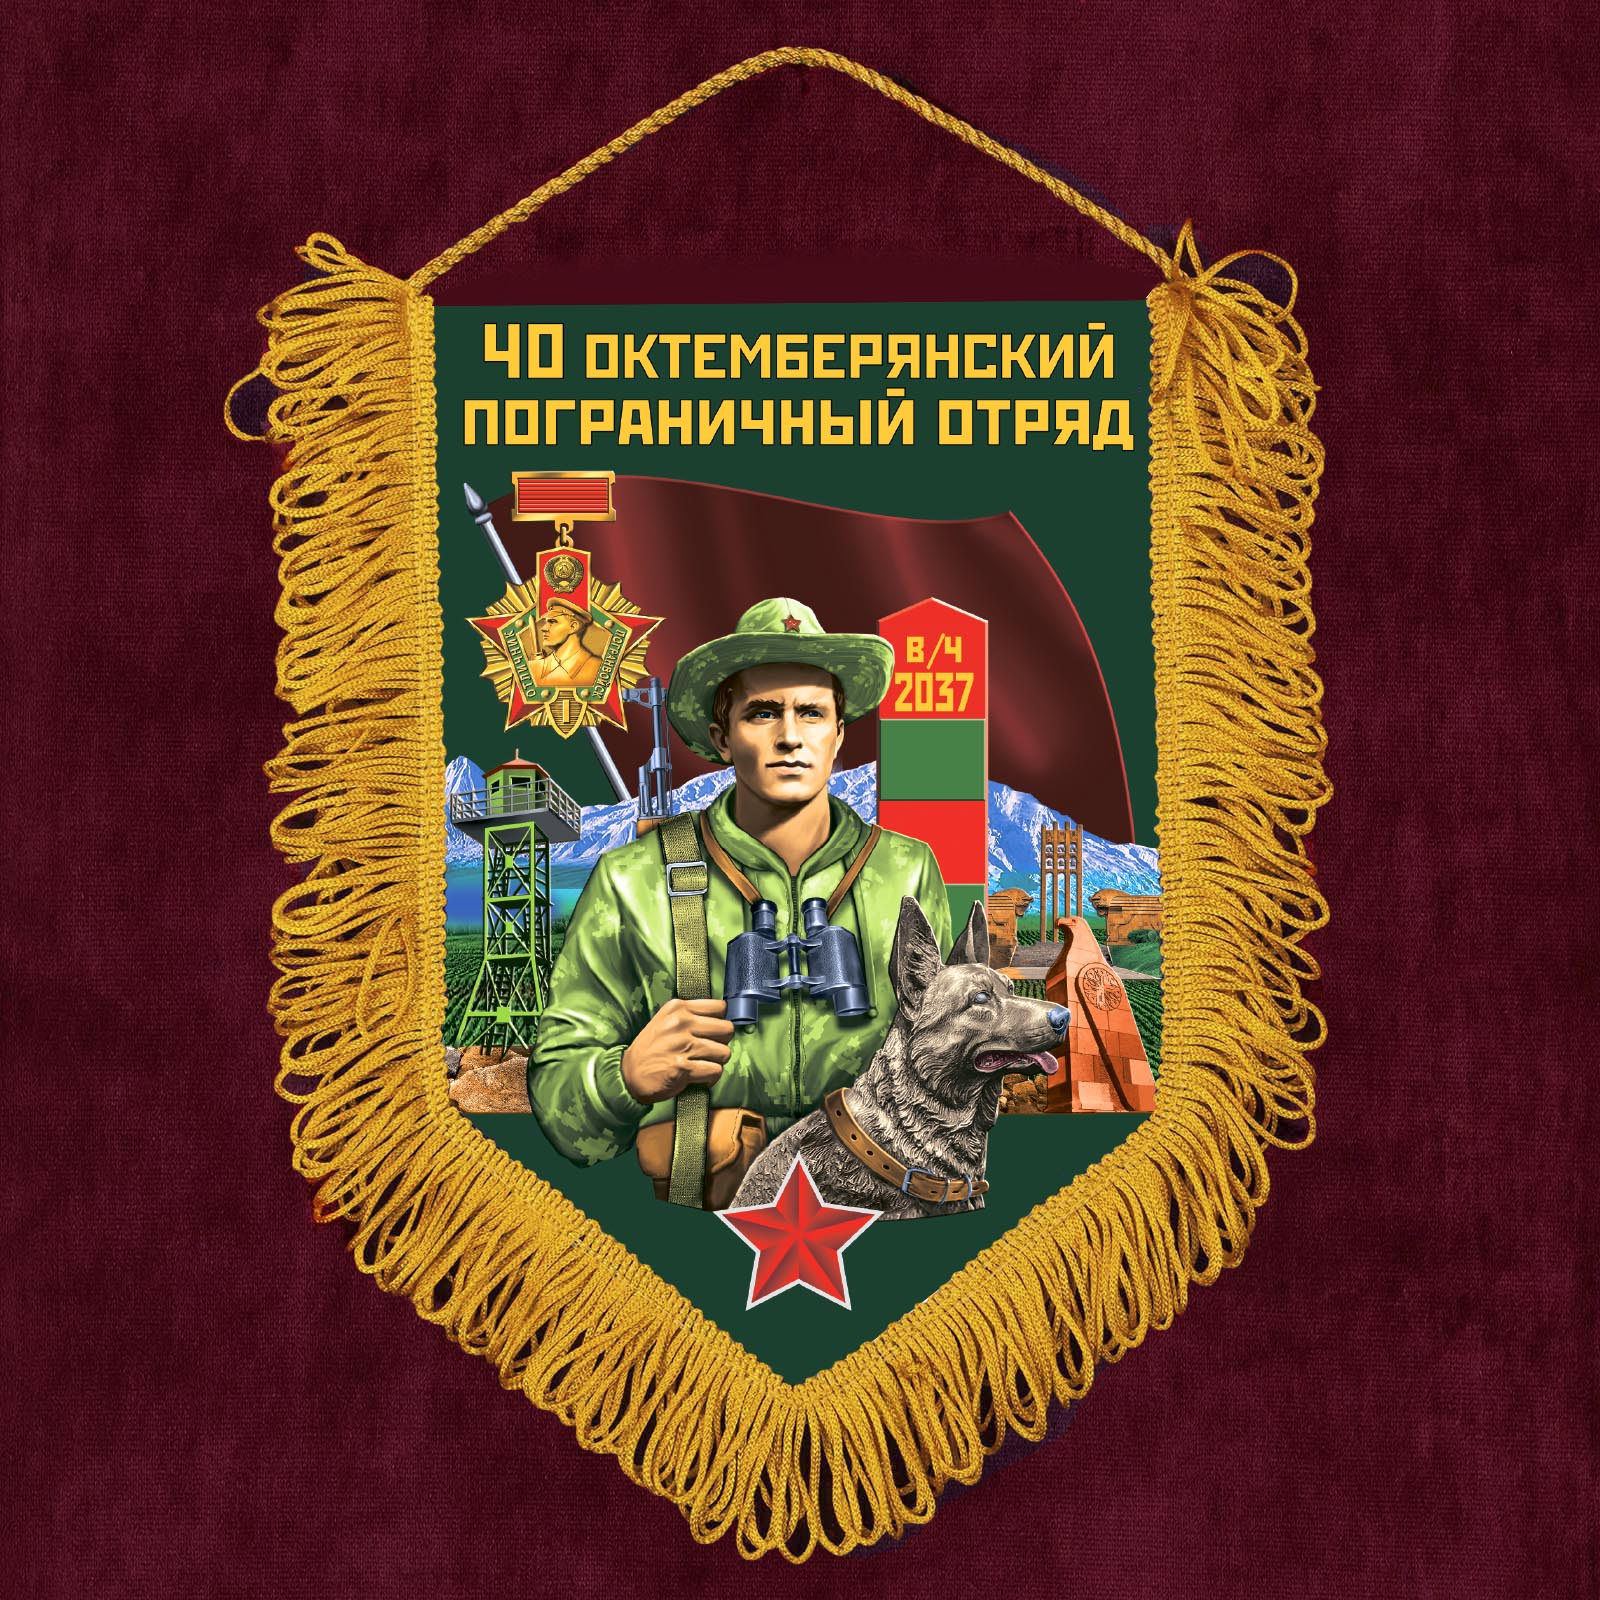 """Подарочный вымпел """"40 Октемберянский пограничный отряд"""""""